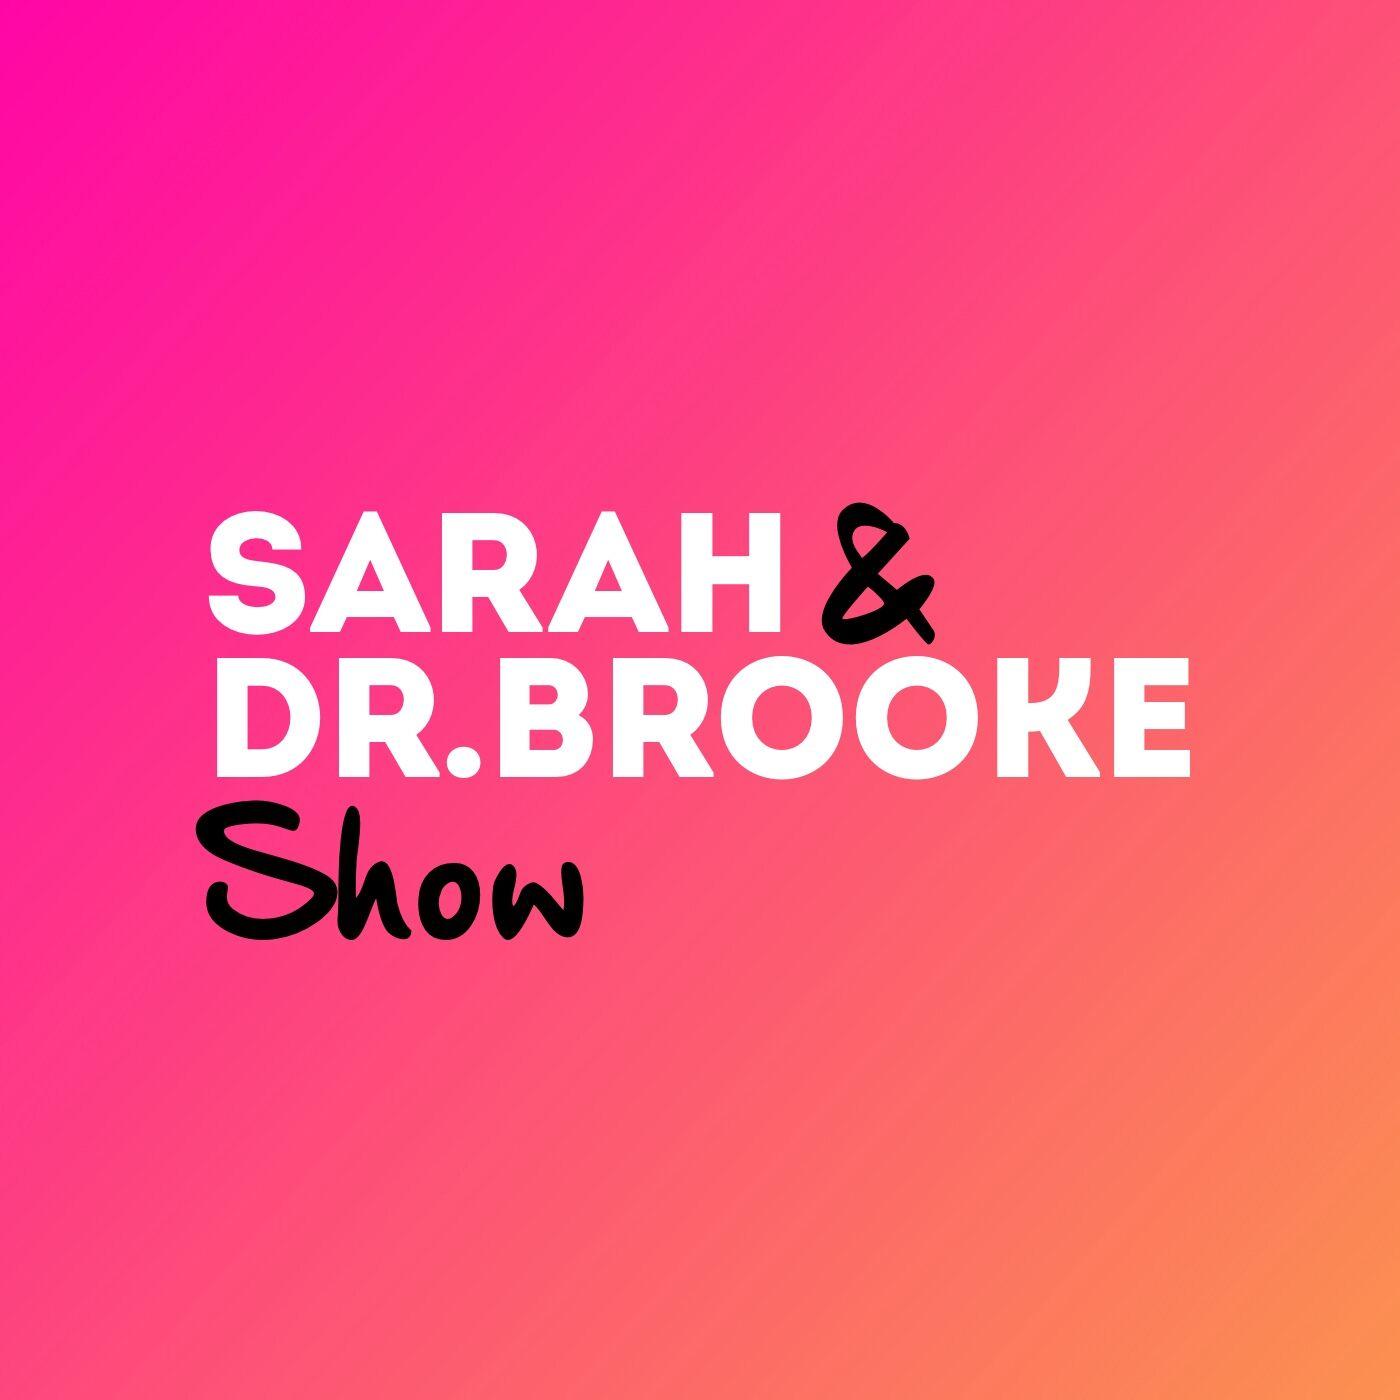 The Sarah & Dr Brooke Show show art